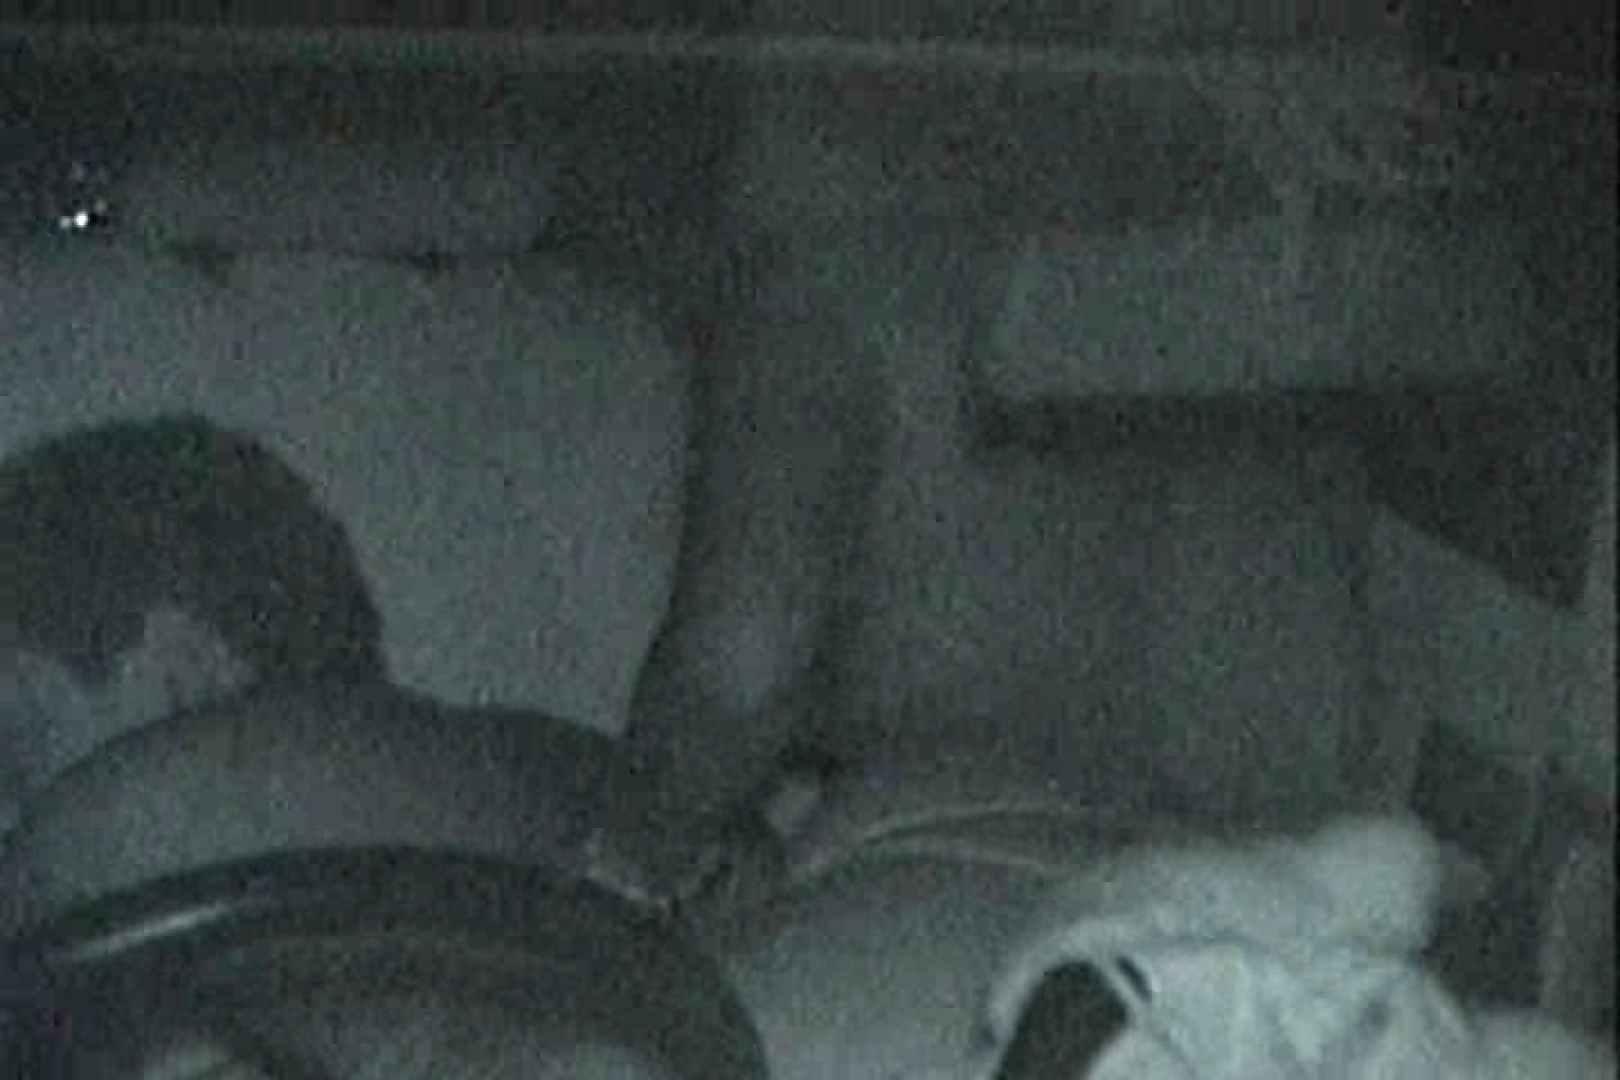 充血監督の深夜の運動会Vol.18 車中はめどり えろ無修正画像 79画像 4